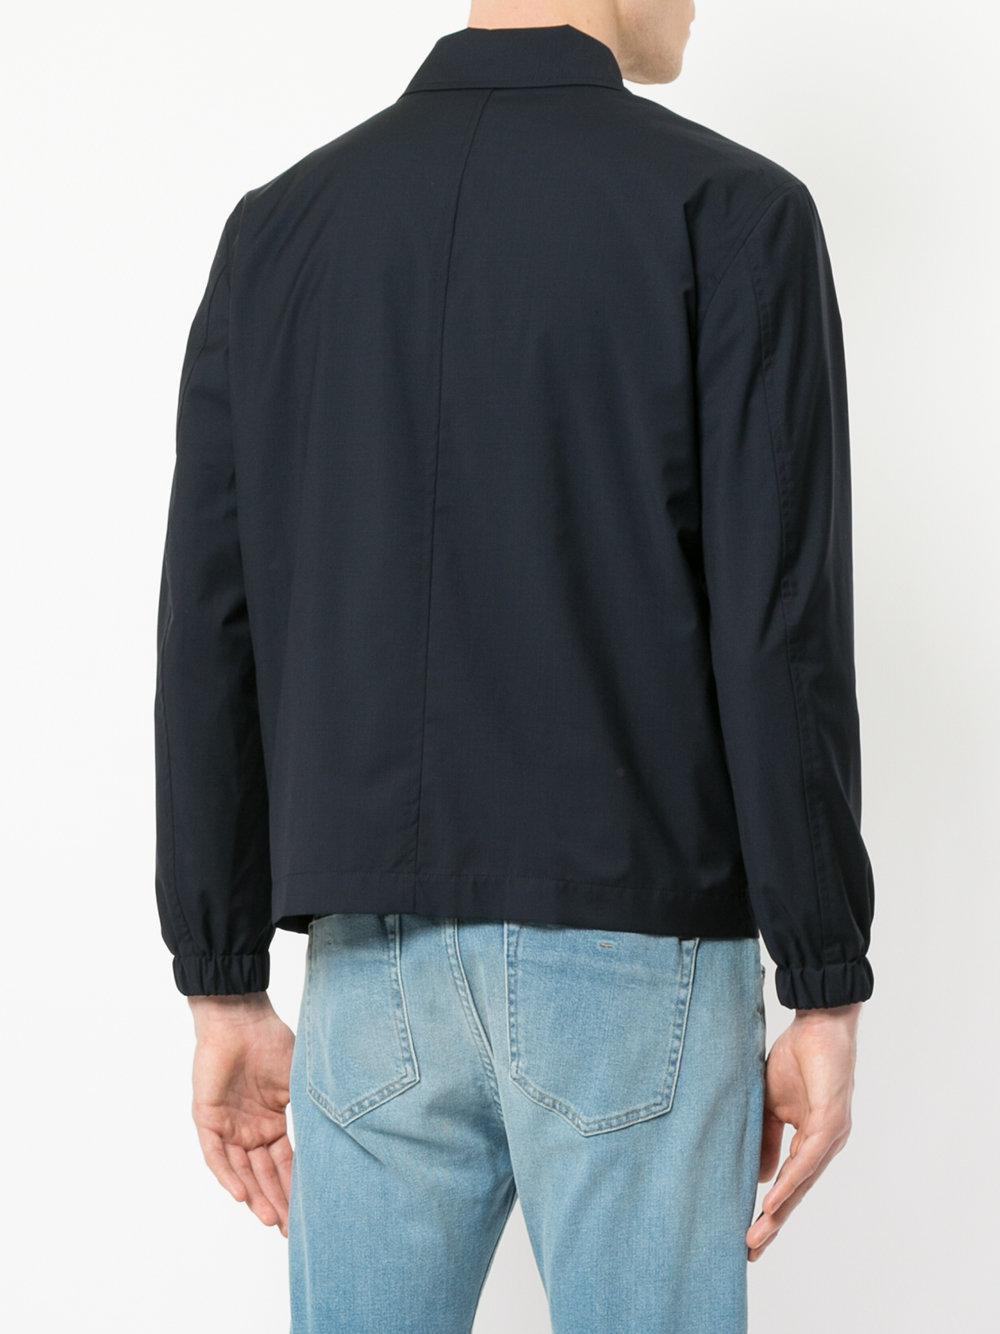 Cerruti 1881 Wool Zip Front Lightweight Jacket in Blue for Men